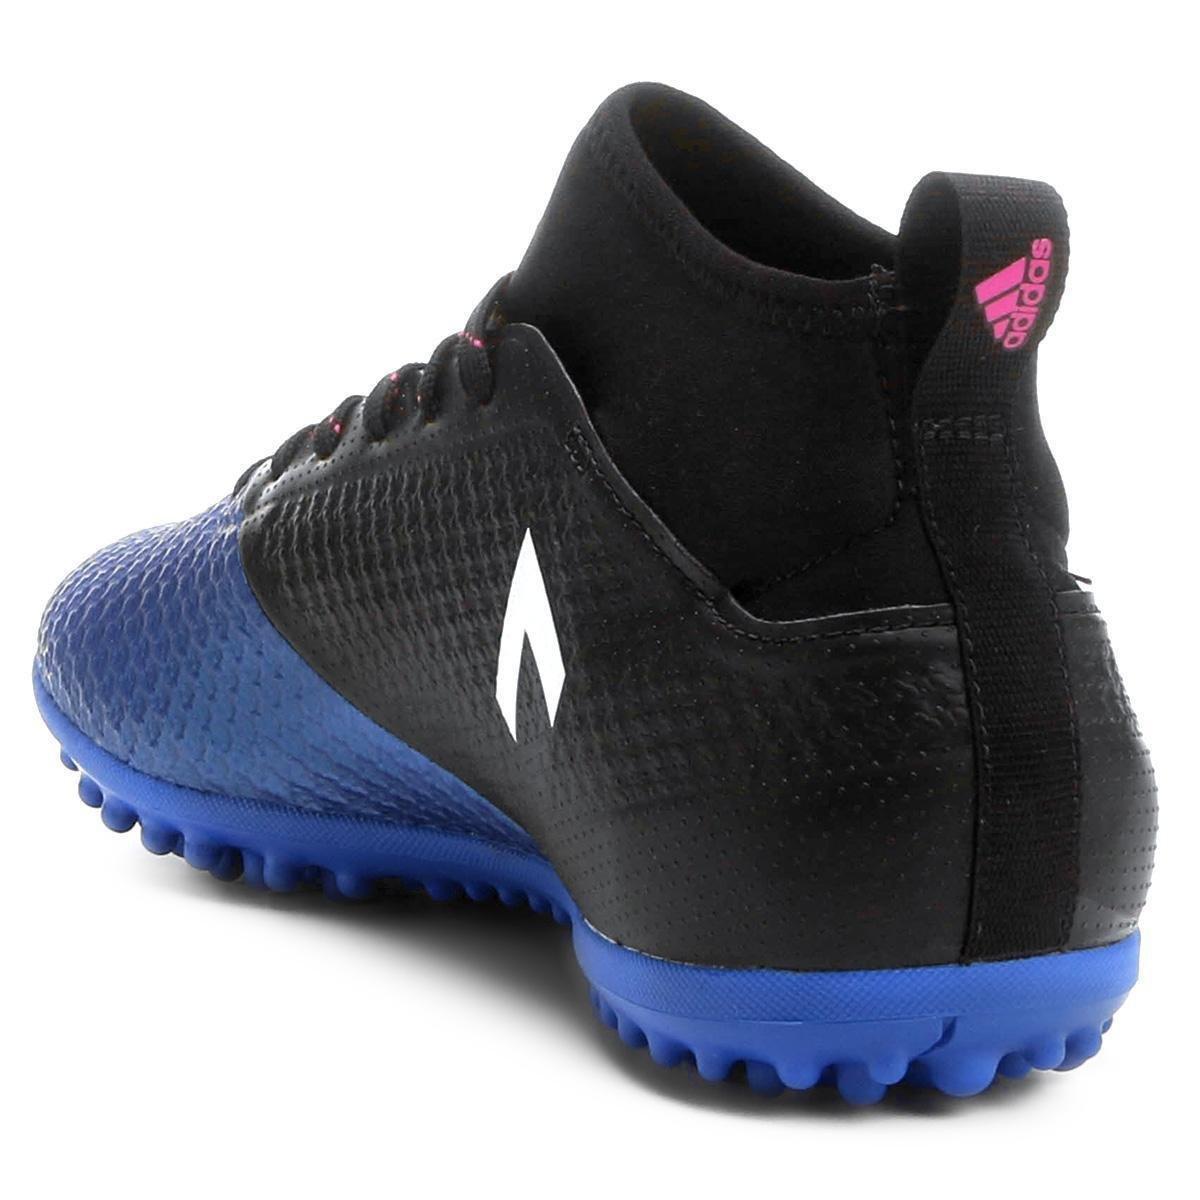 a2f00704e57bf Chuteira Society Adidas Ace 17.3 TF   Livelo -Sua Vida com Mais Recompensas